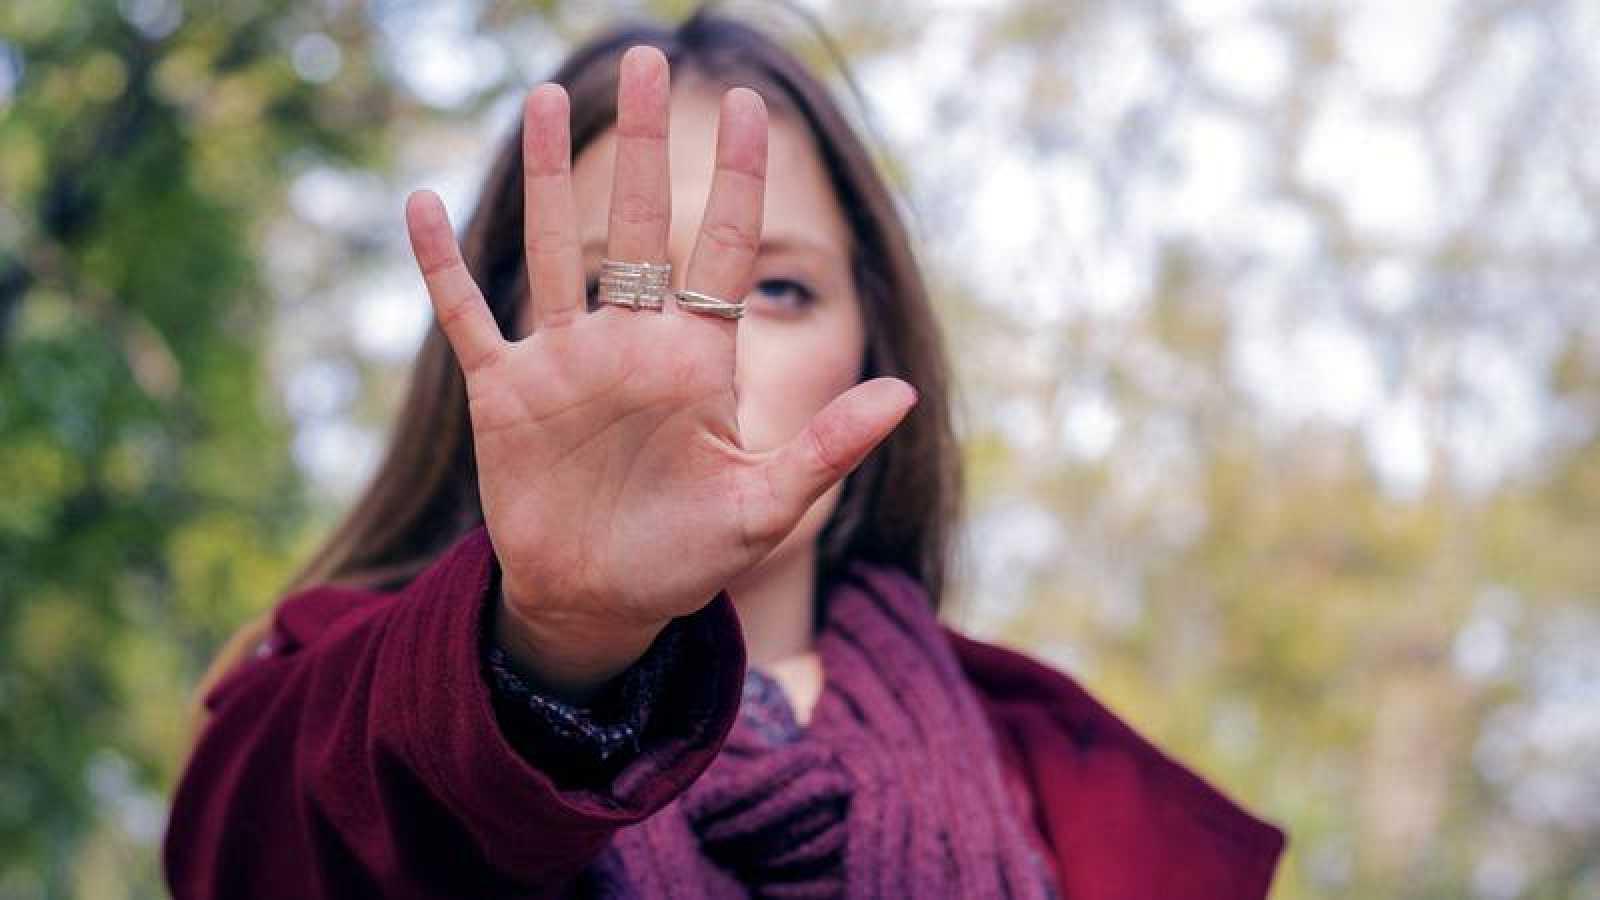 Imagen recurso de una mujer diciendo 'no' al maltrato